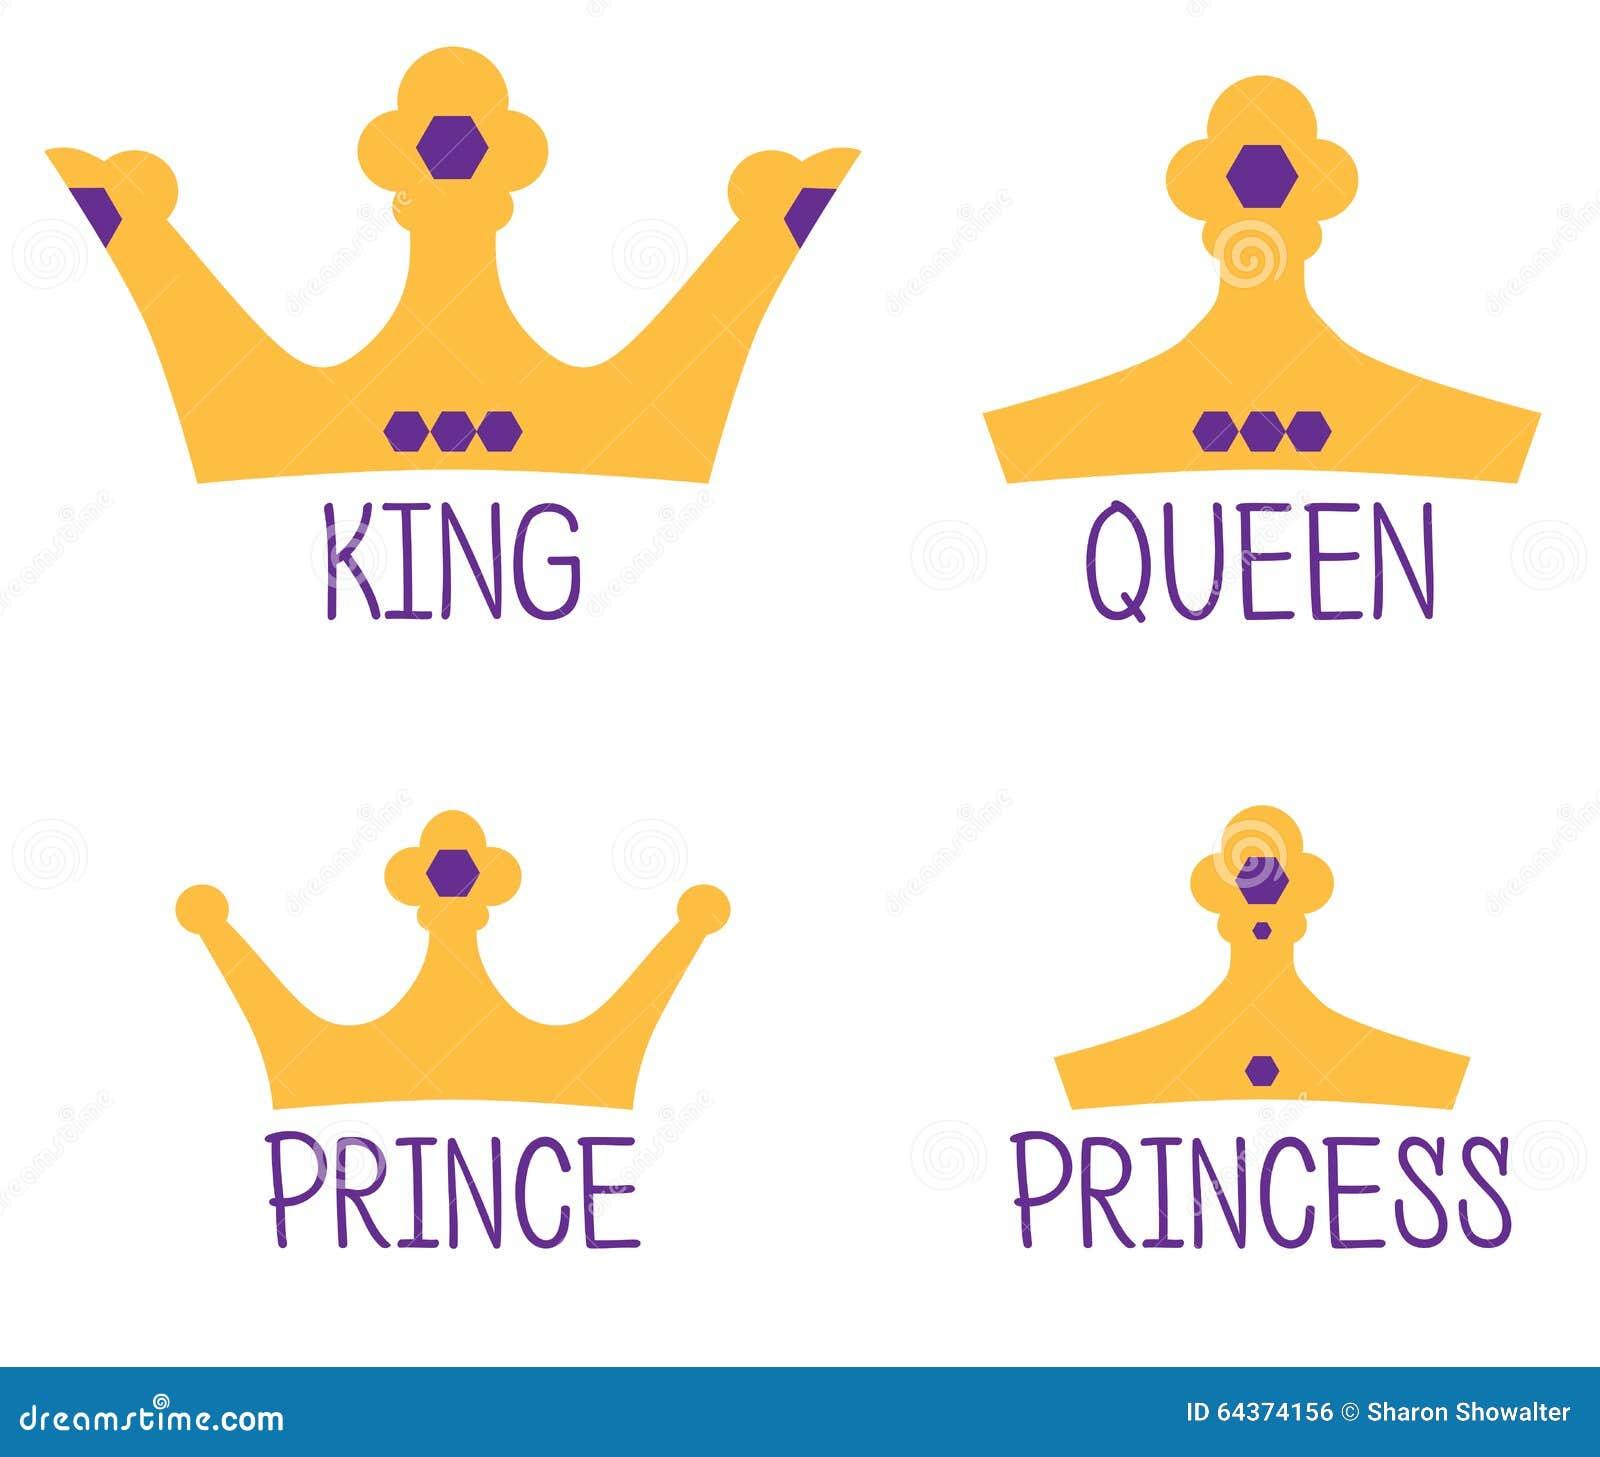 Coronas Reales Rey Reina Príncipe Princesa Foto De Archivo